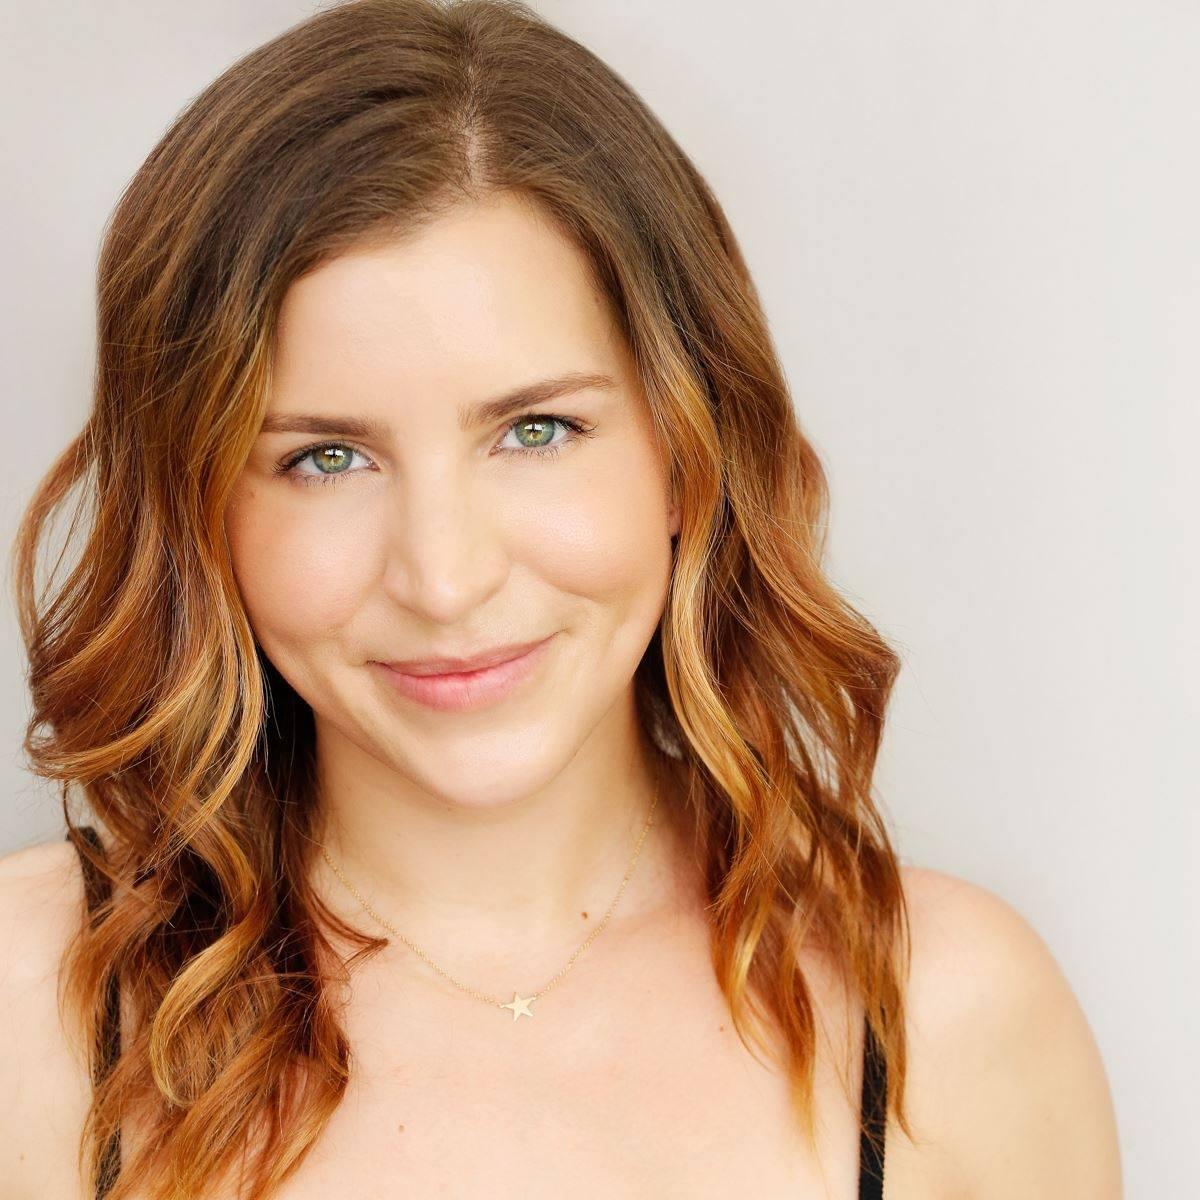 Amanda Pieper